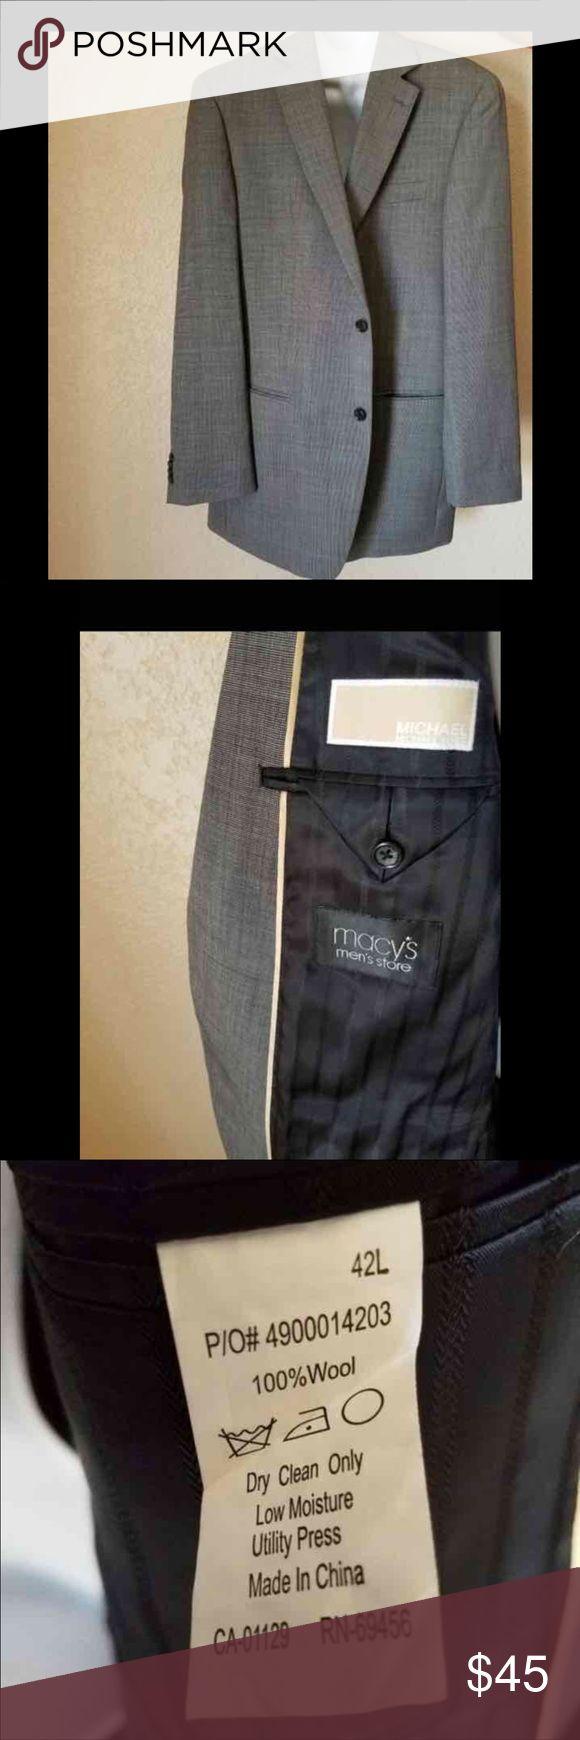 Michael kors Men jacket Mi mans sport/suit jacket. In excellent condition . Size 42L Michael Kors Jackets & Coats